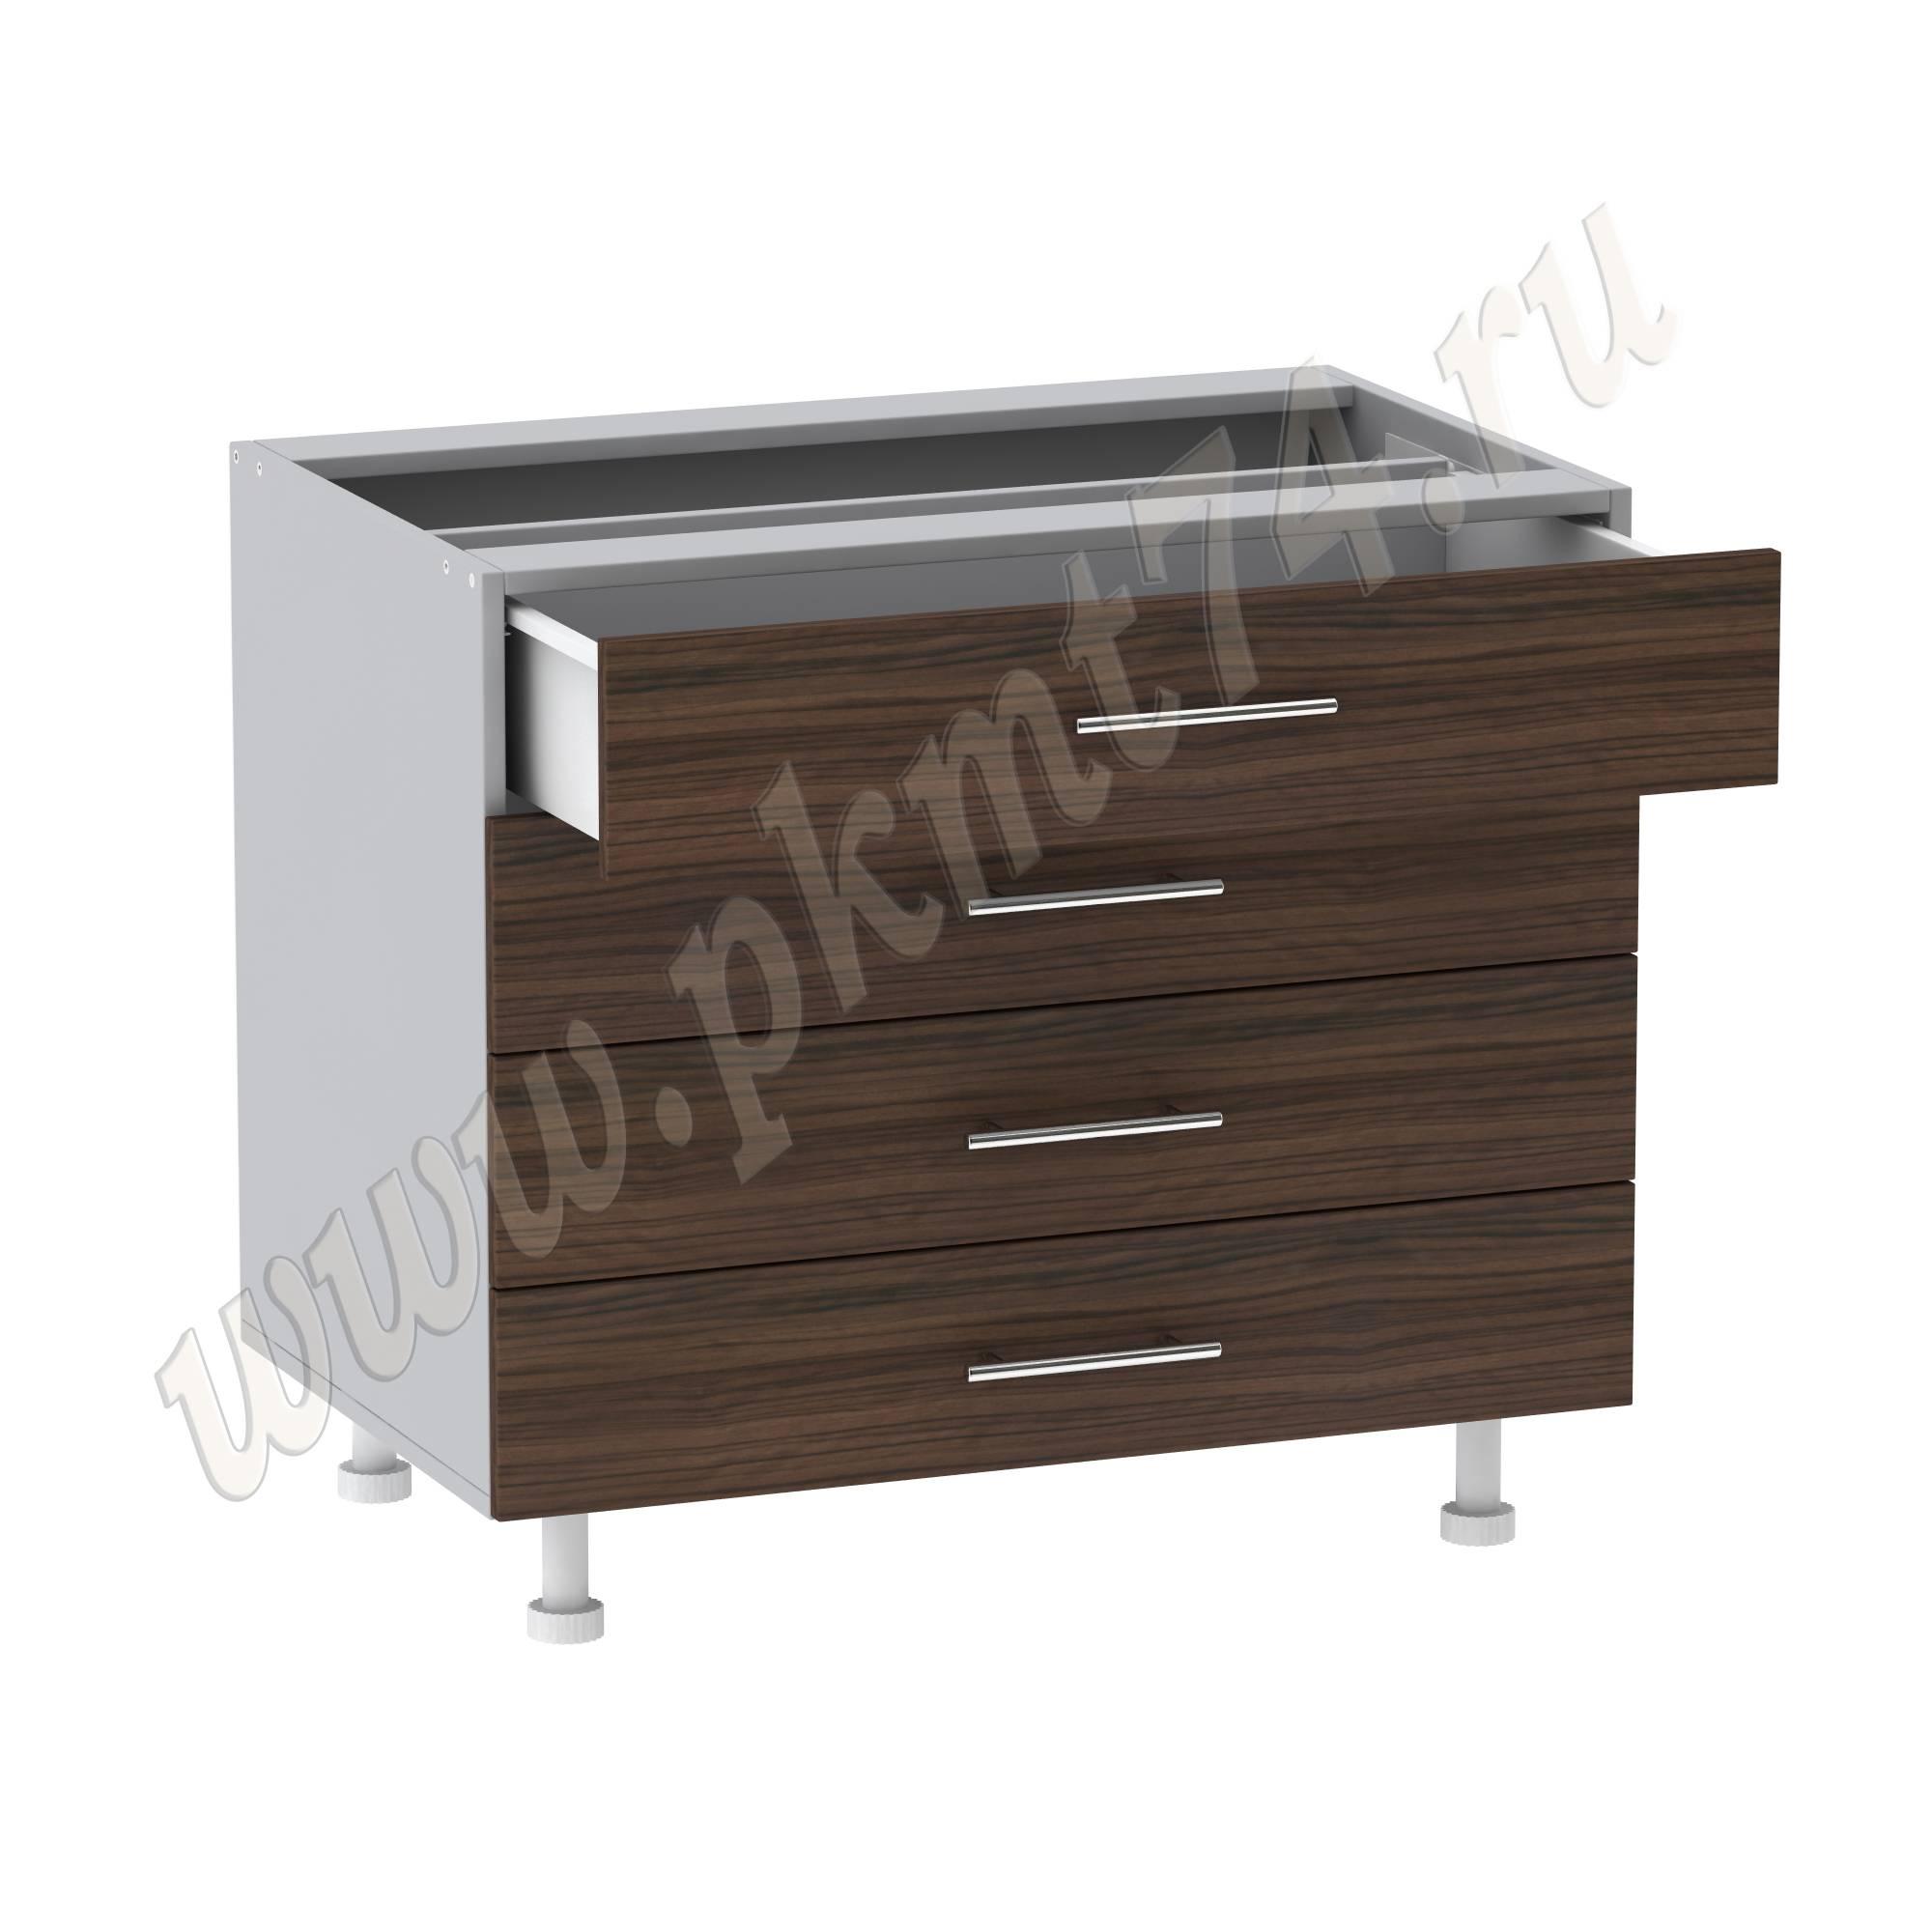 Шкаф кухонный широкий с четырьмя ящиками